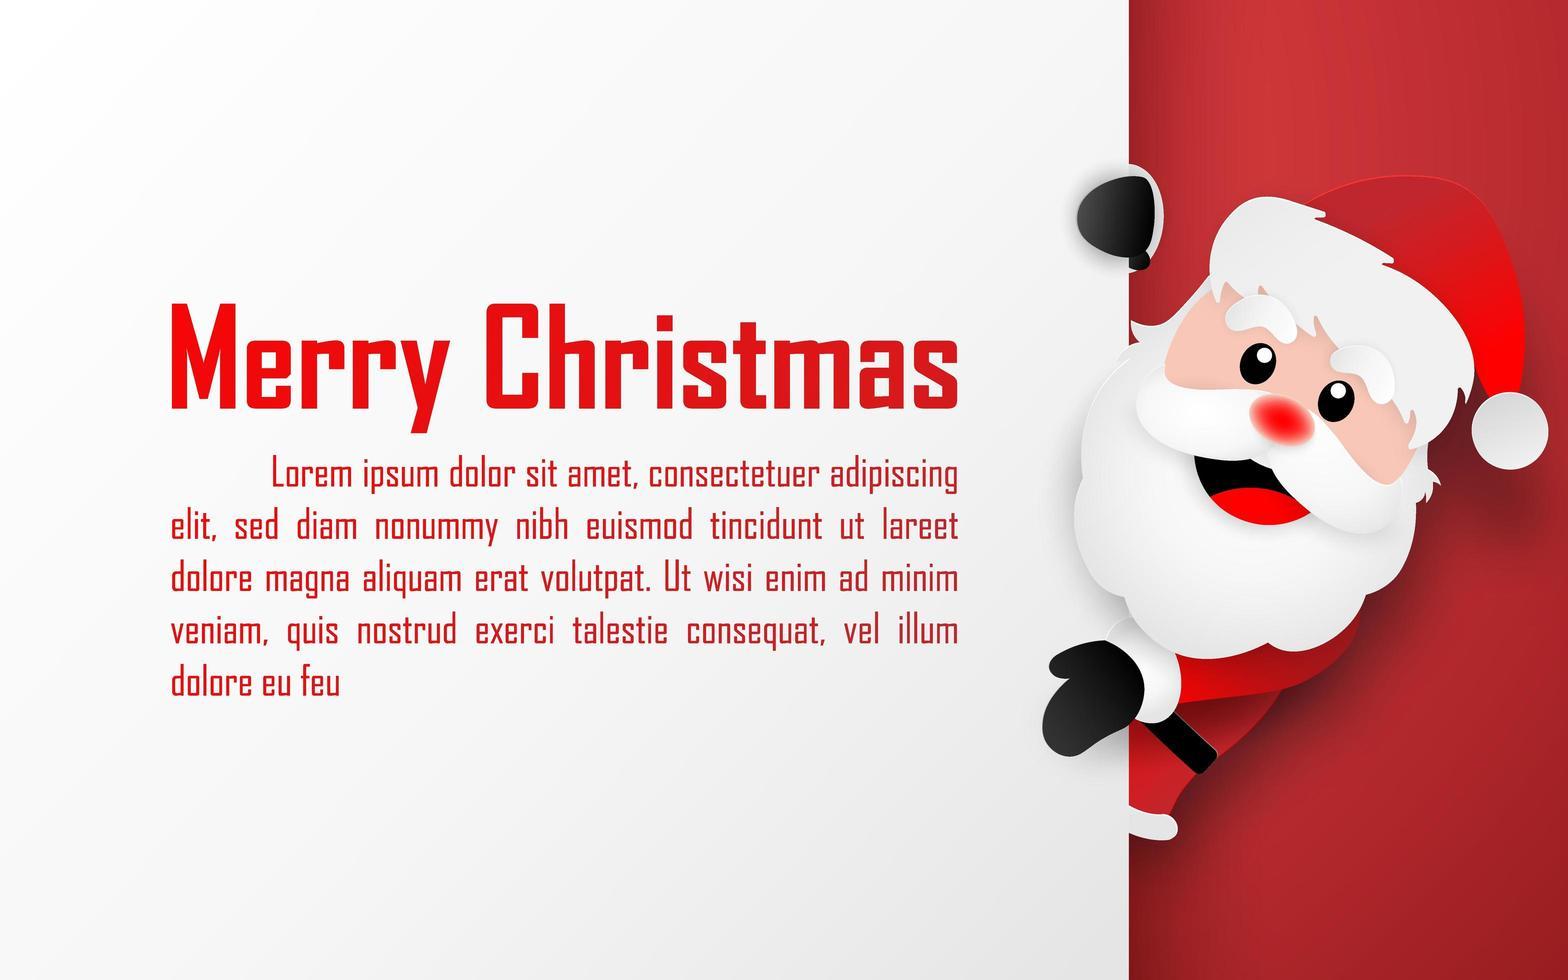 origami papier kunststijl briefkaart van de kerstman met kopie ruimte, prettige kerstdagen en gelukkig nieuwjaar vector